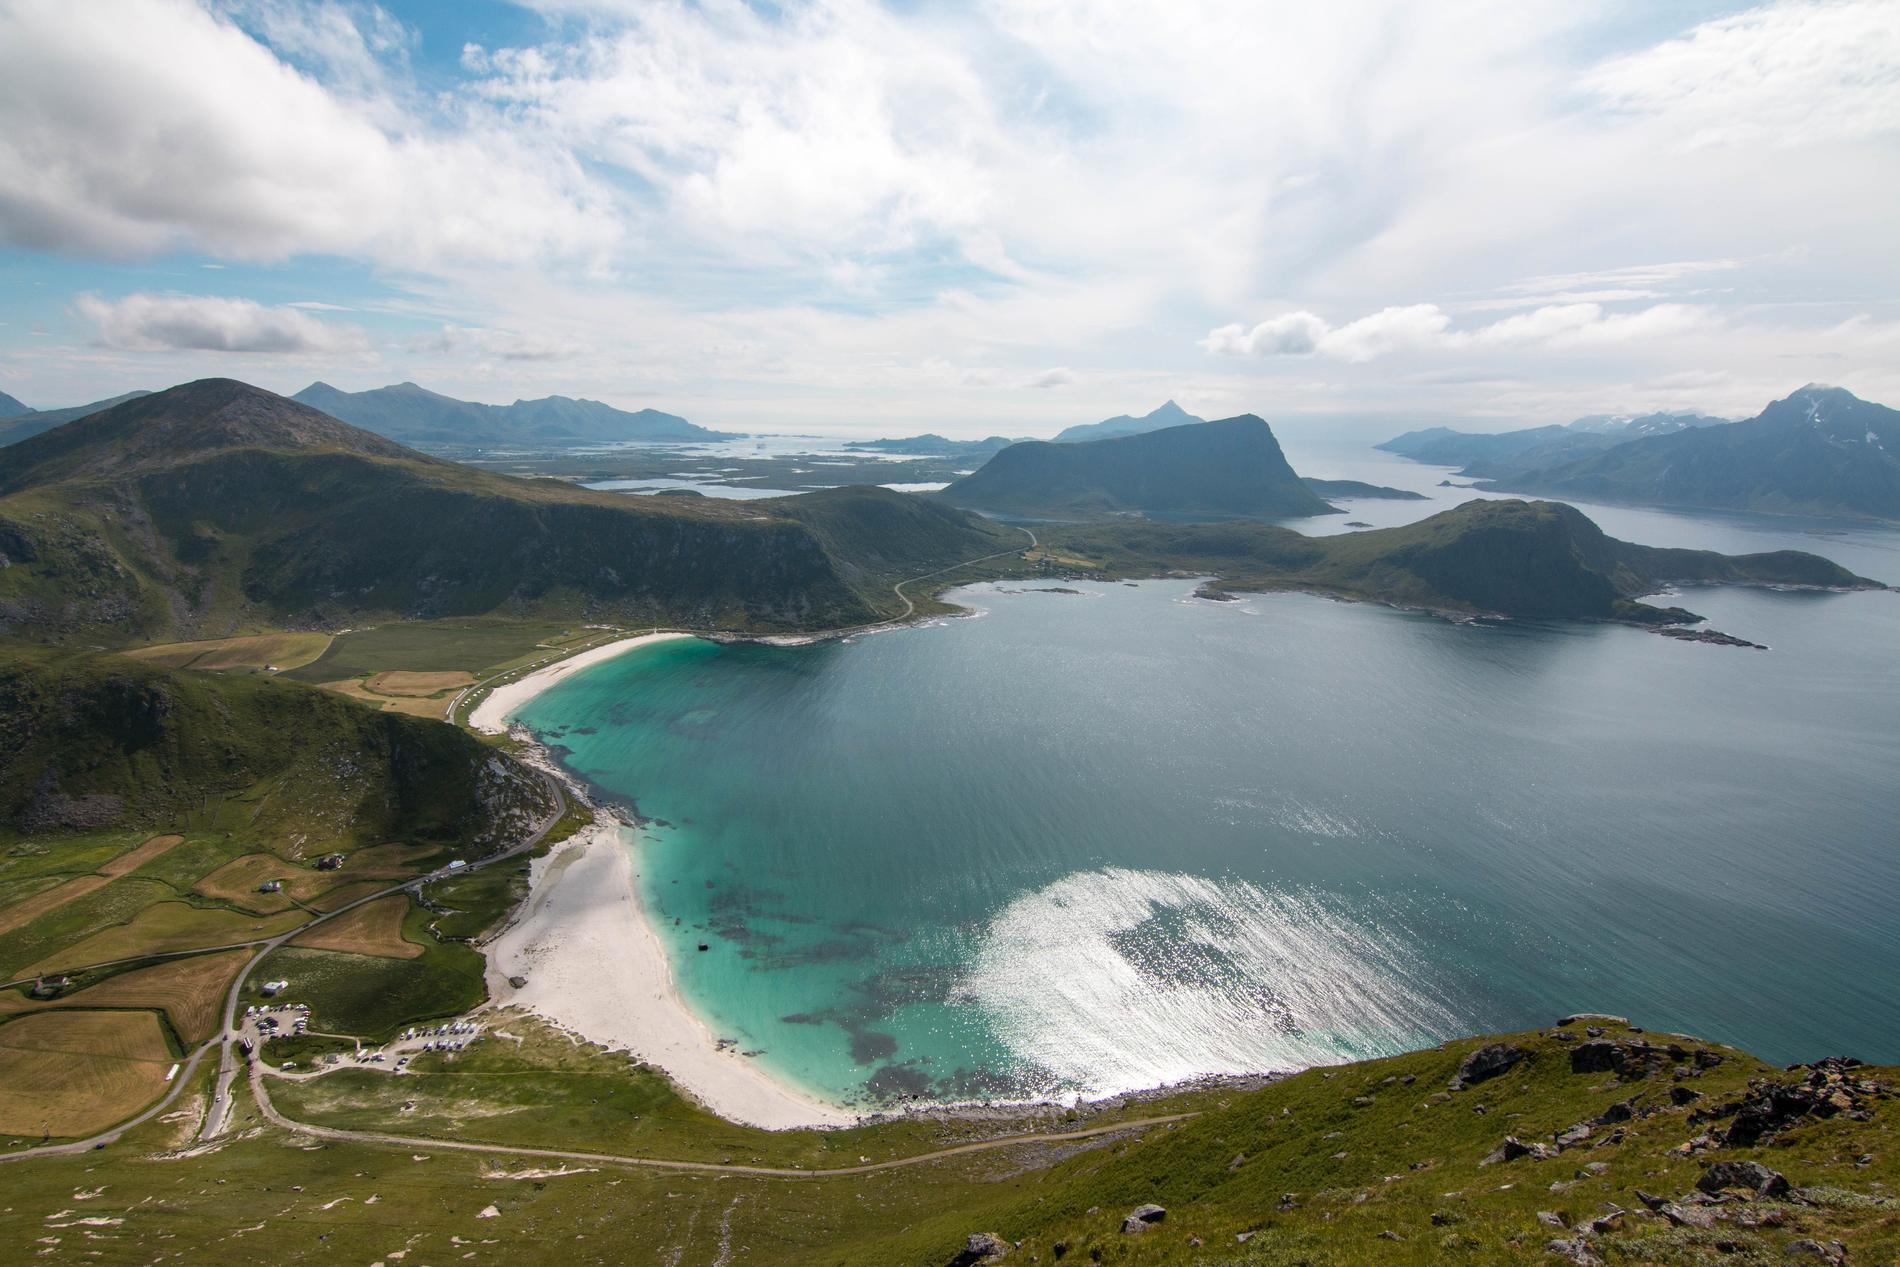 Stranden Hauklandstranda i norra Norge är omringad av berg.